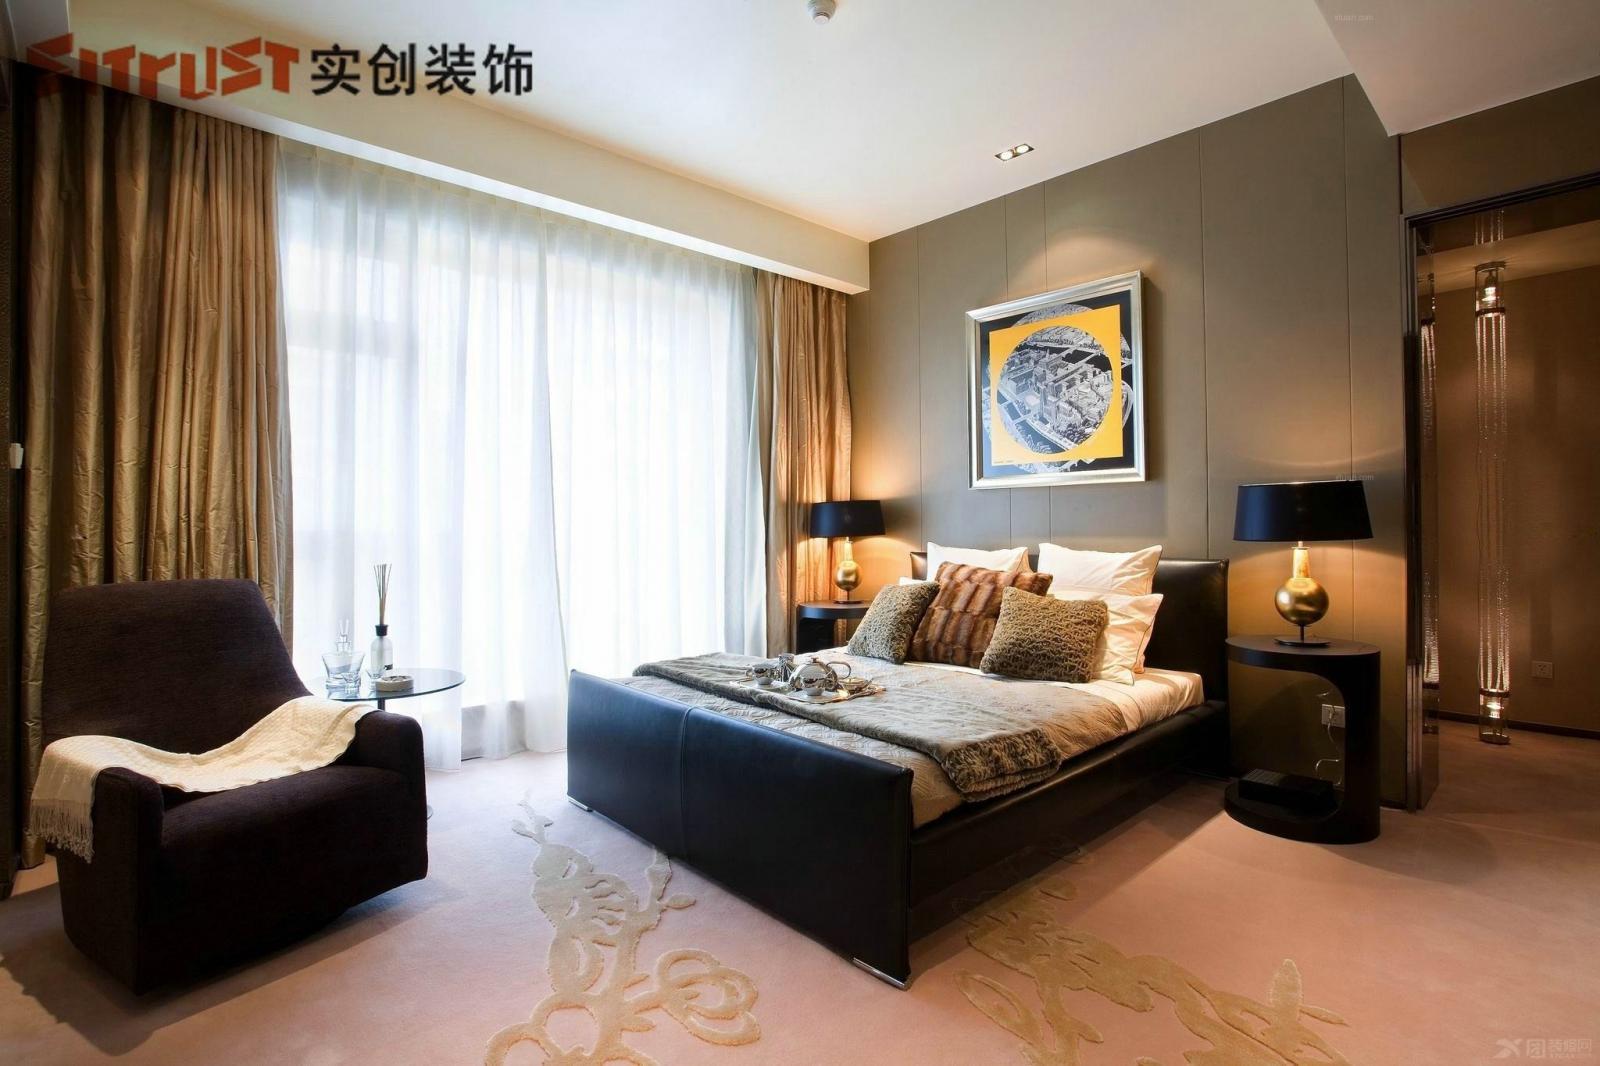 标签:卧室独栋别墅欧式风格 设计理念: 共享空间墙面材质以硅藻泥为主